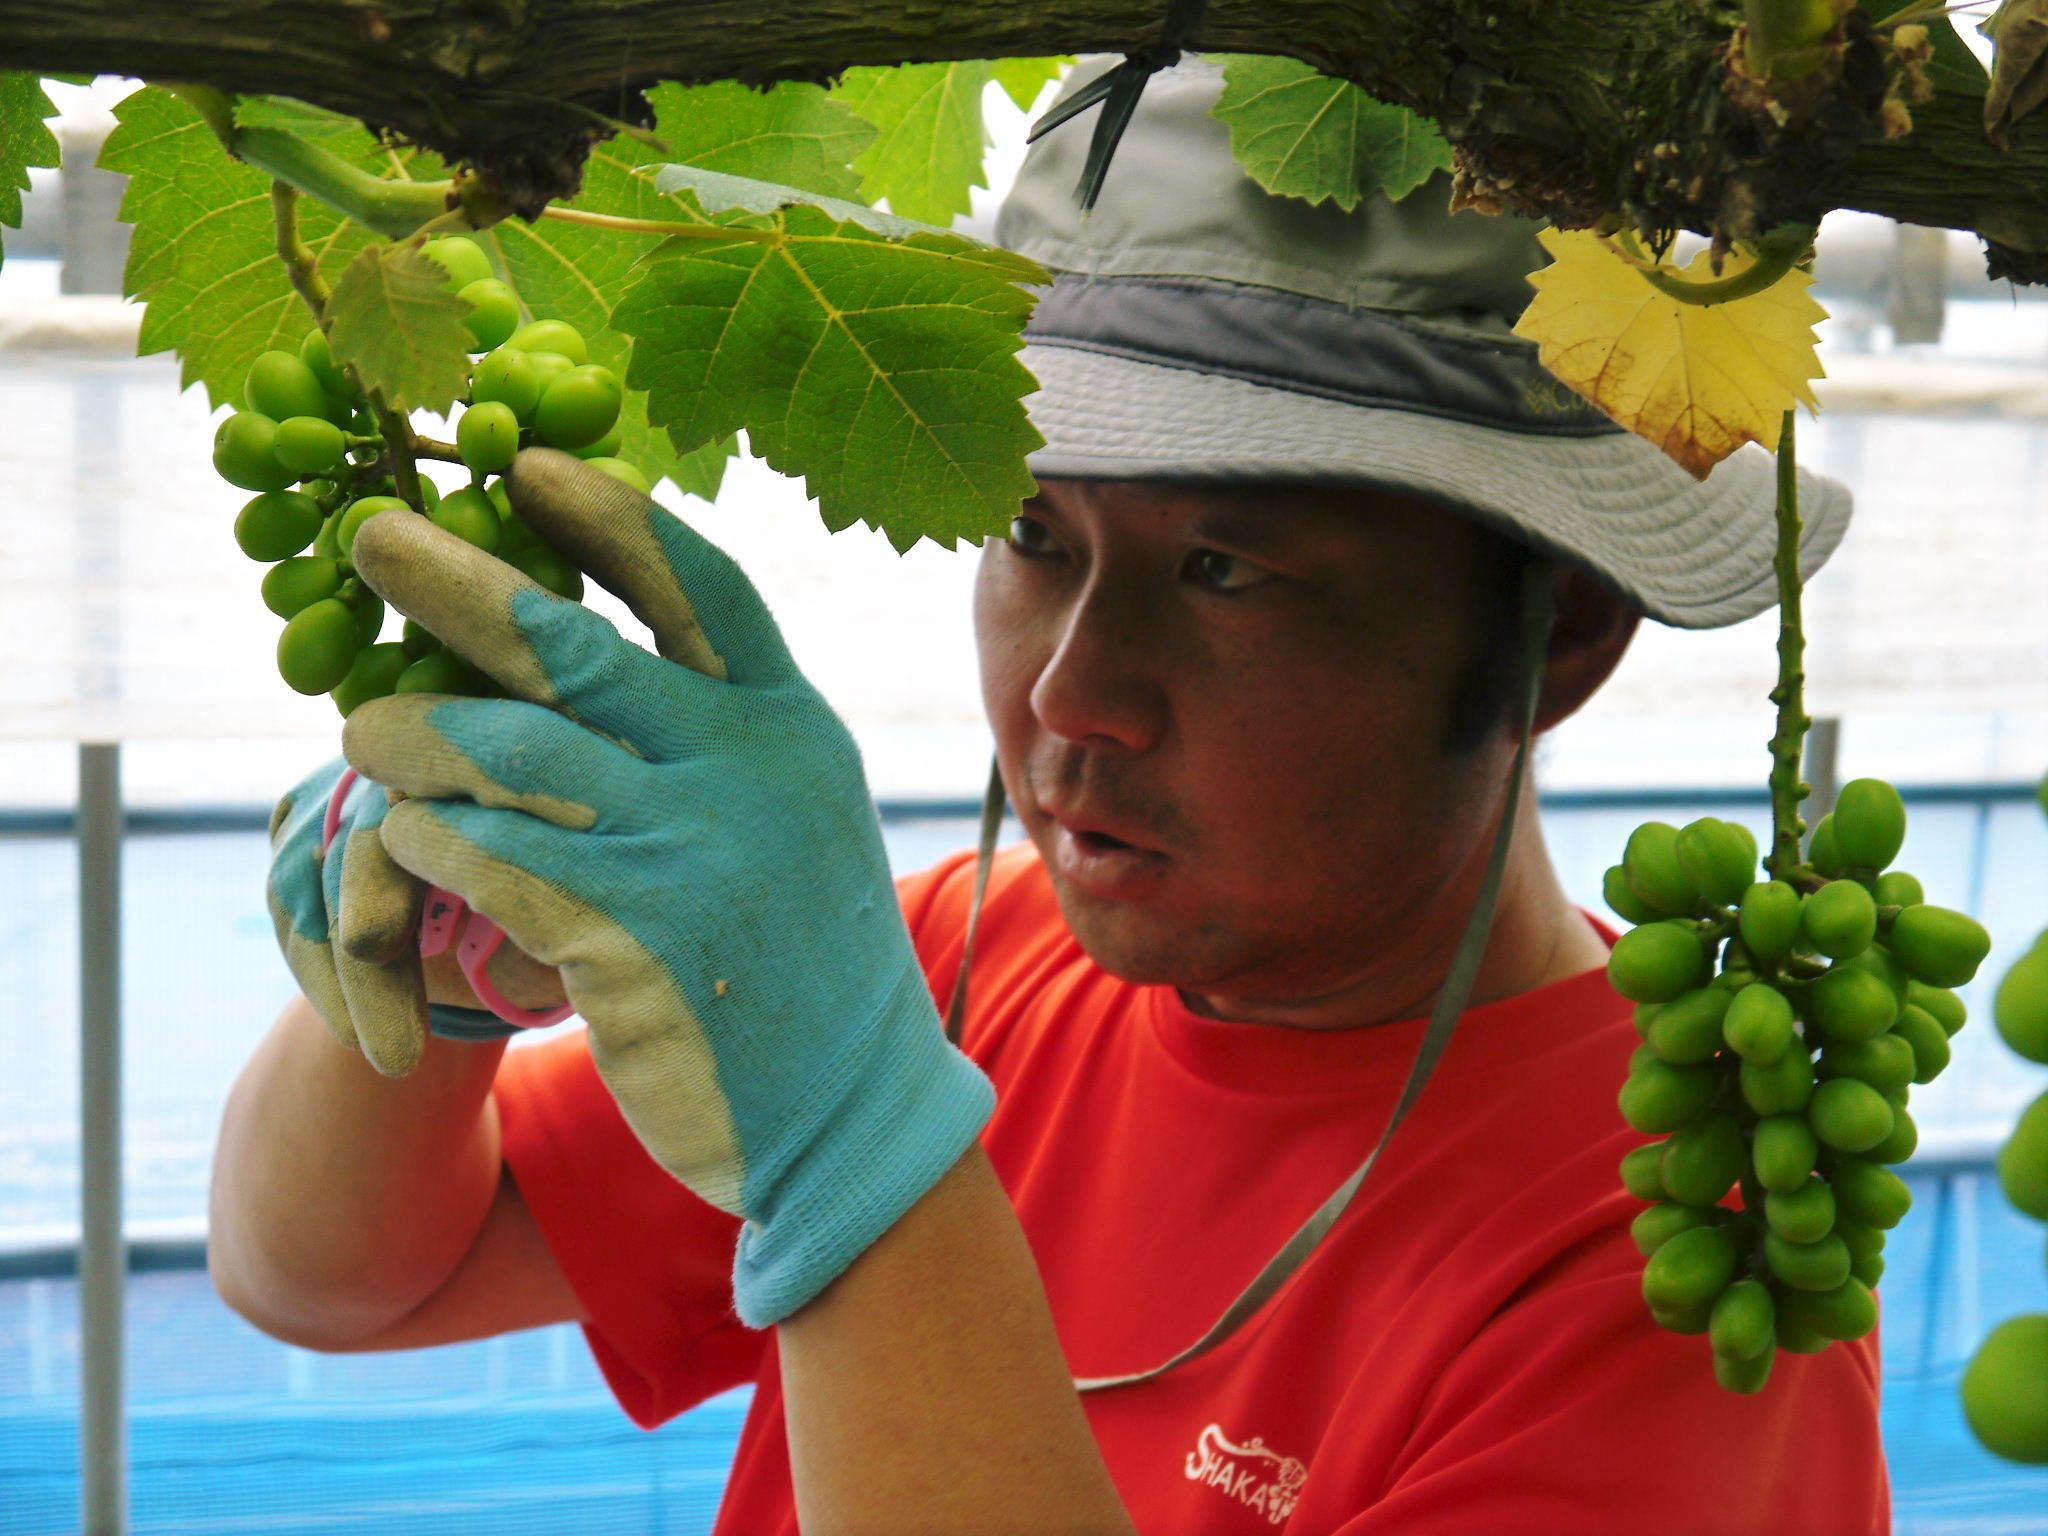 熊本ぶどう 社方園 今年(2020年)は例年以上の大粒に仕上げるべく摘粒作業が行われています(後編)_a0254656_17465130.jpg